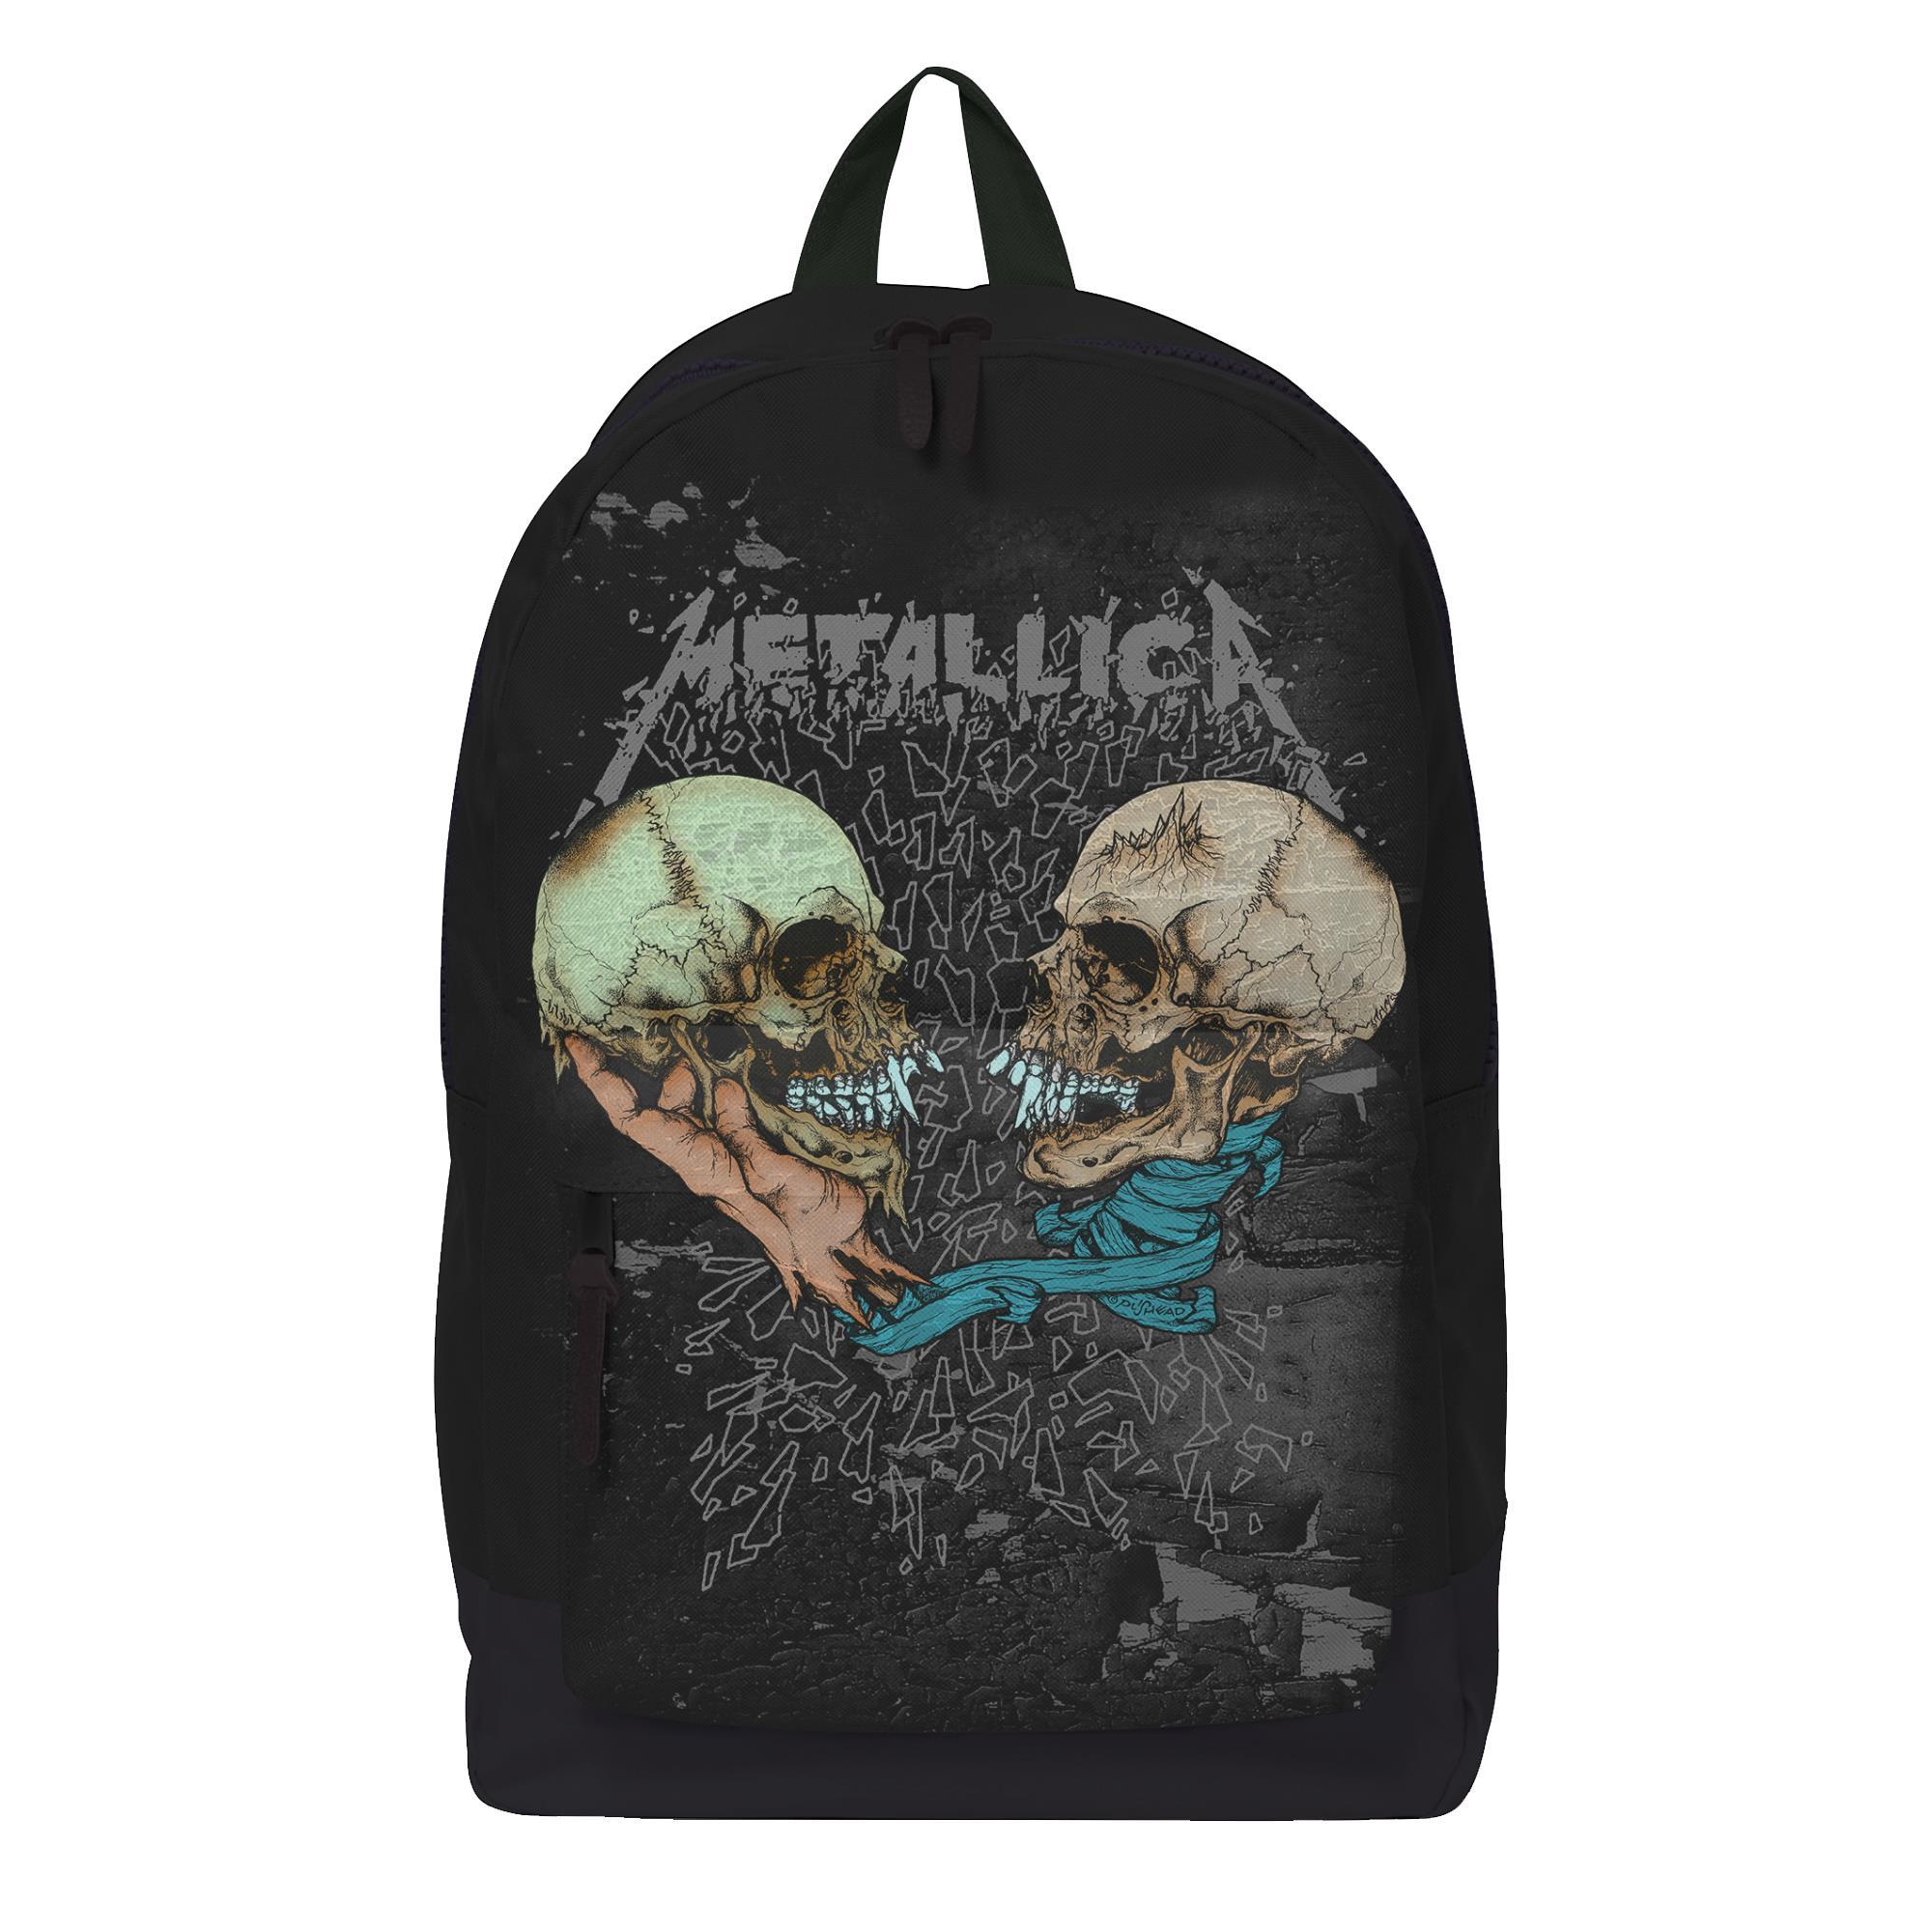 Sad But True Backpack